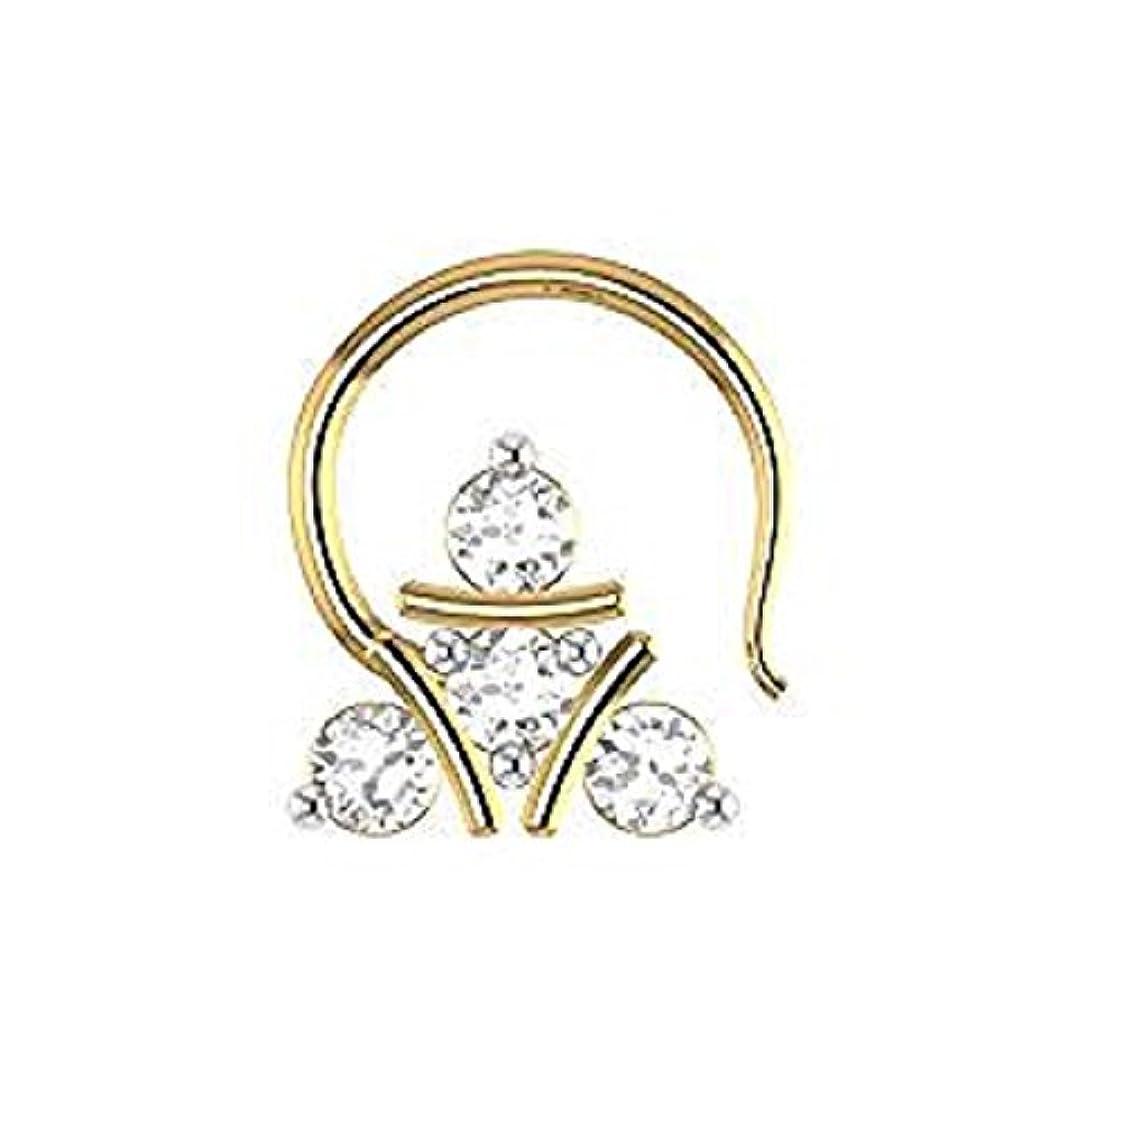 策定する悪行硫黄silvergemking D/vvs1ダイヤモンド14 KイエローゴールドFN。925スターリング鼻ピアスリングピンスタッド